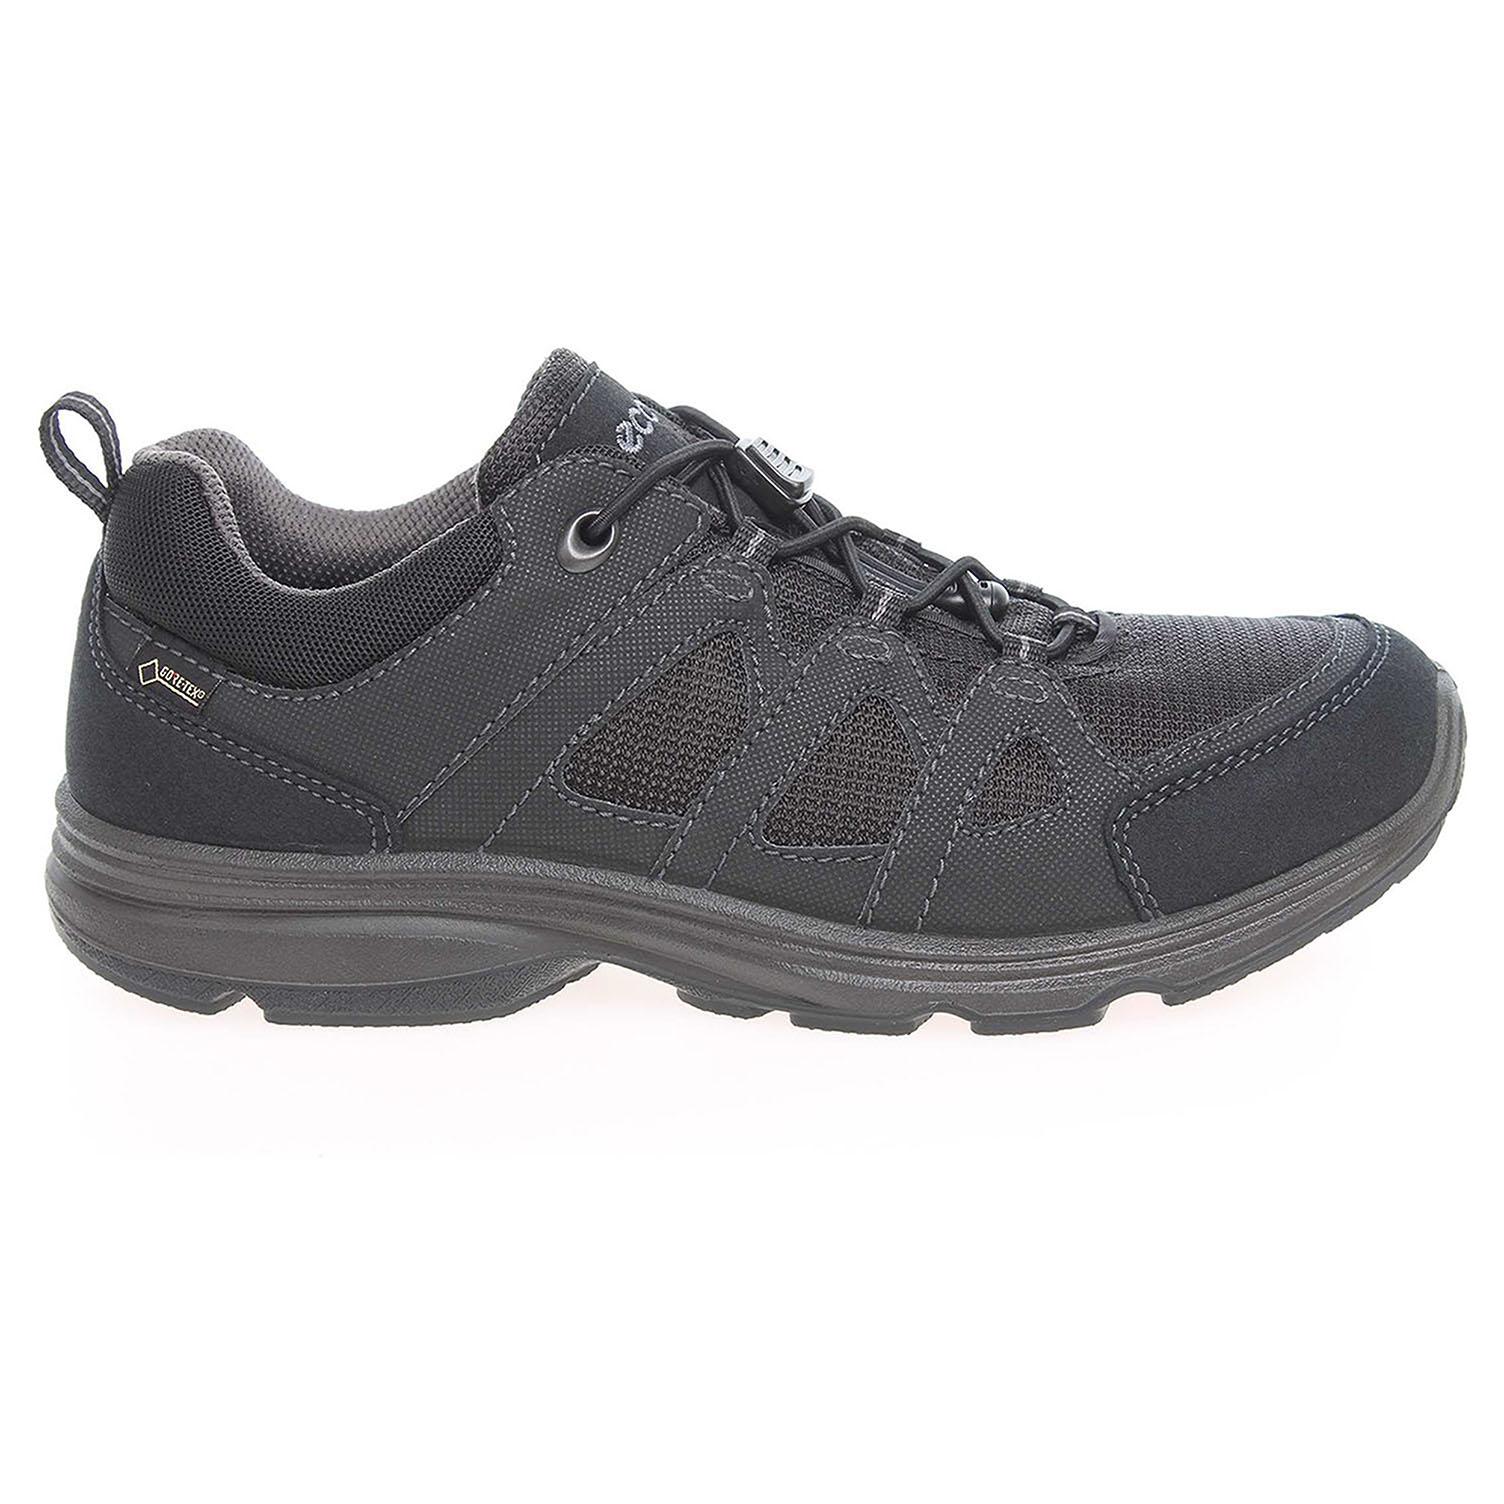 Ecco Ecco Light IV dámská obuv 83602351052 černá 23900173 b62ed232dd